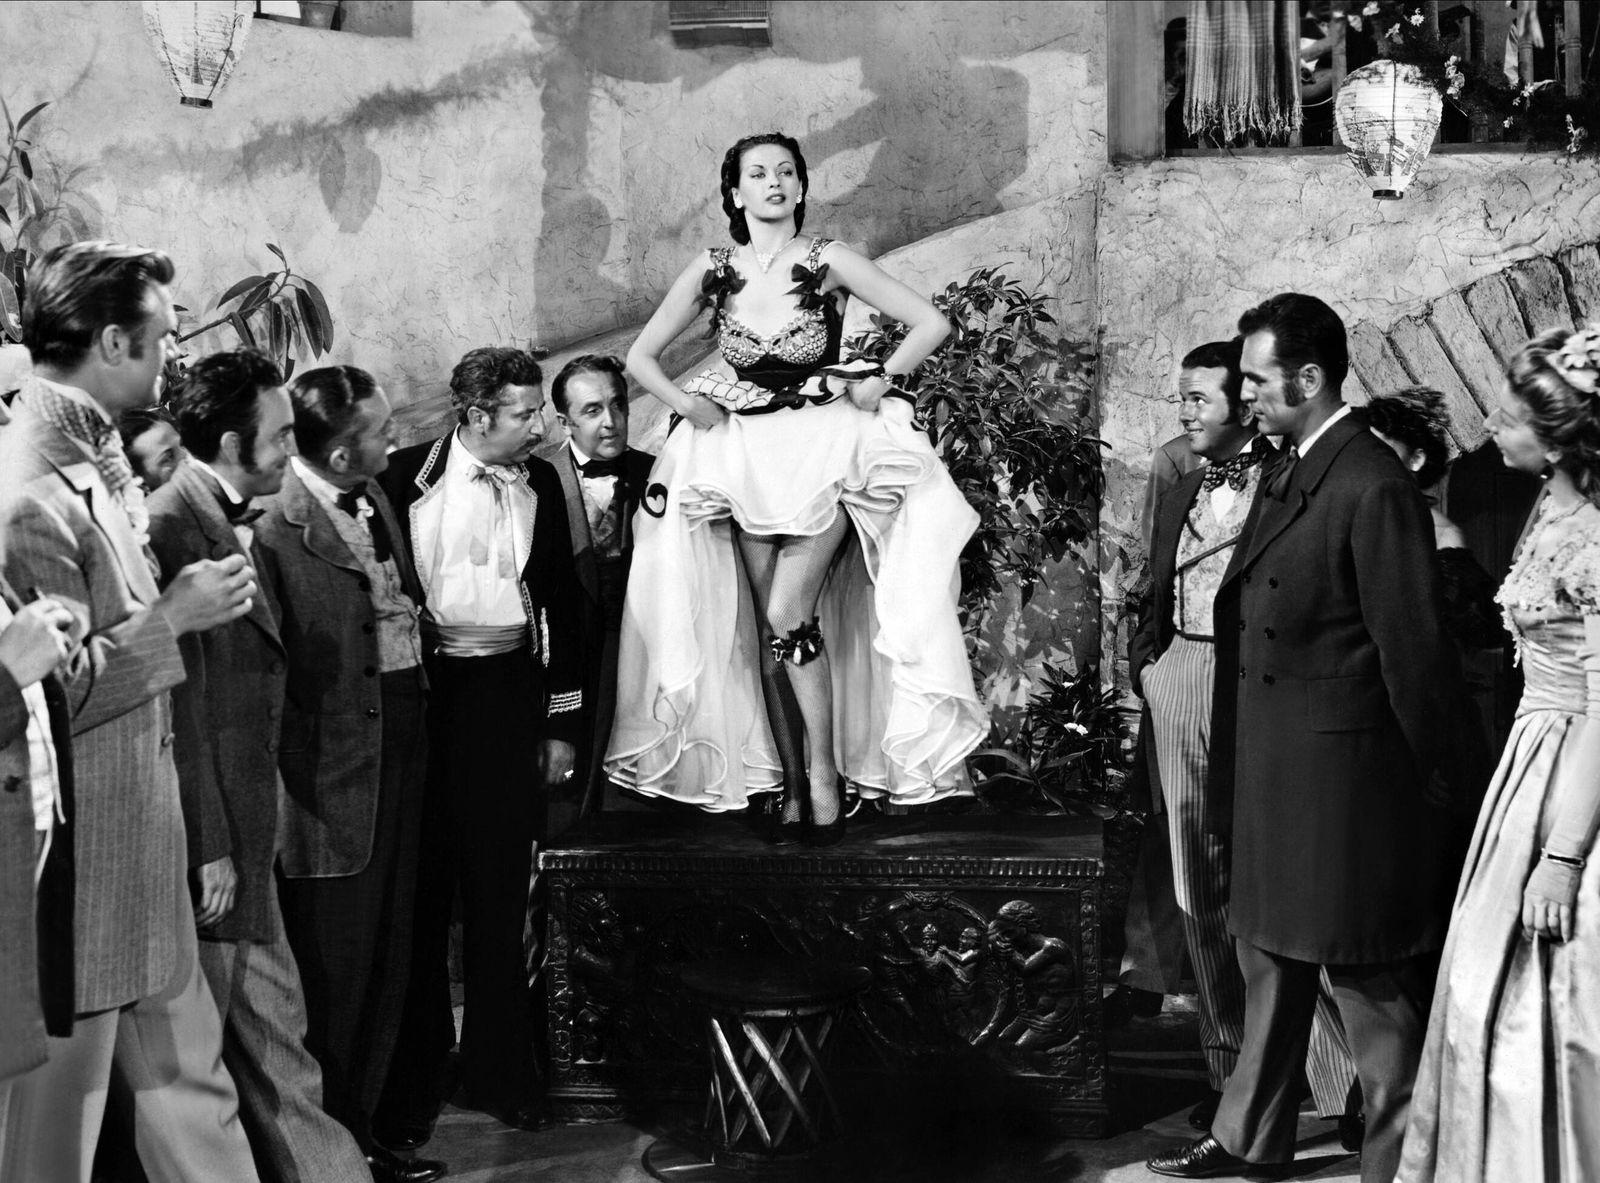 Yvonne De Carlo Characters: Lola Montez Film: Black Bart (1948) Director: George Sherman 03 March 1948 Die schwarze Mask